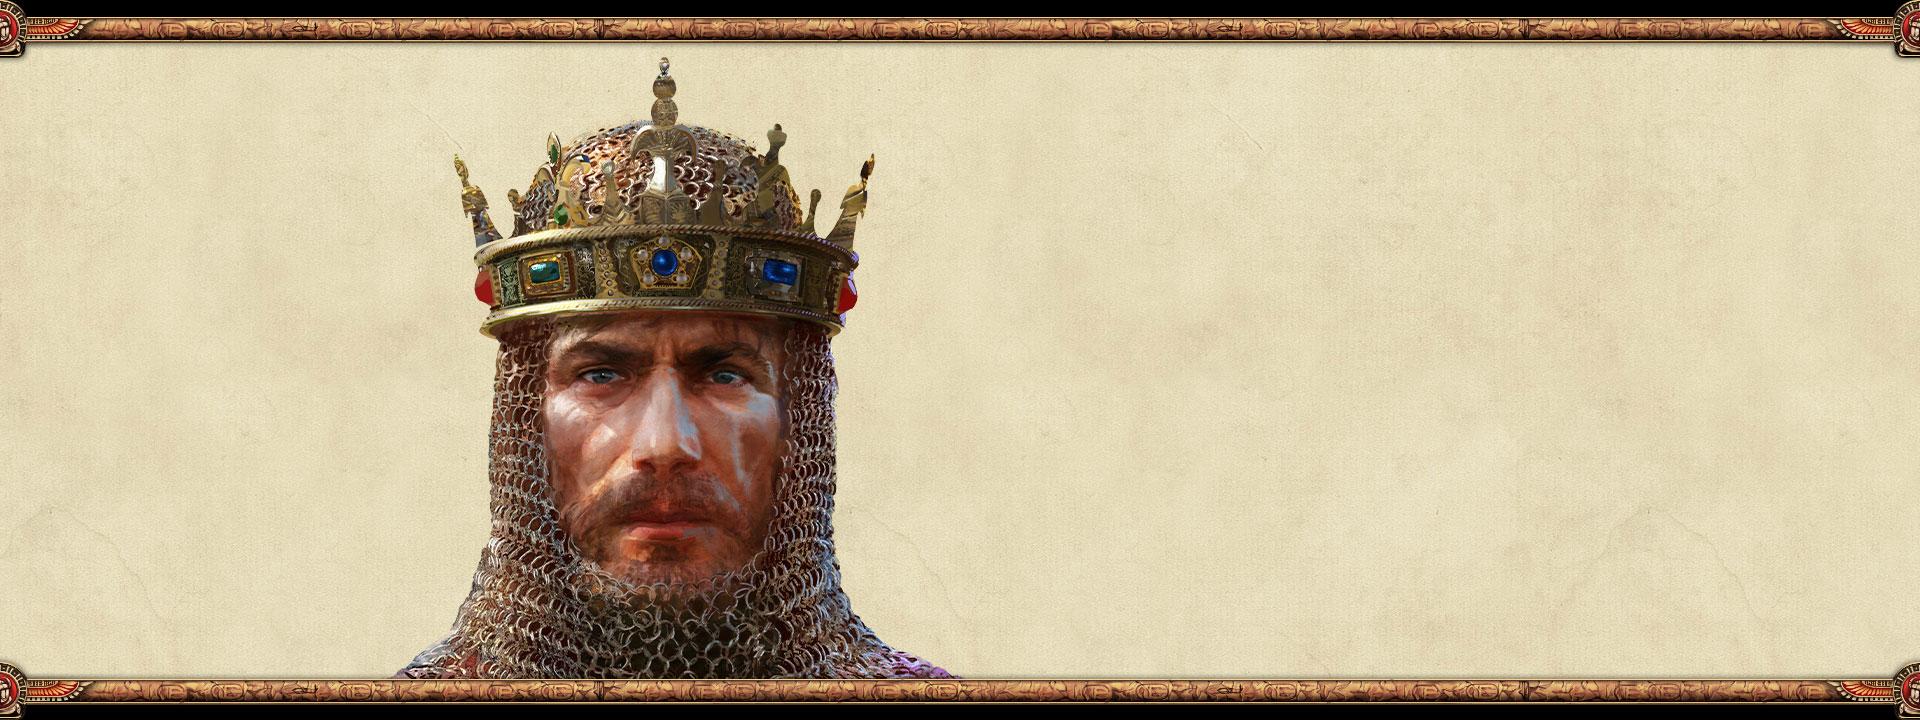 Herskeren av et imperium iført kjede post og en krone